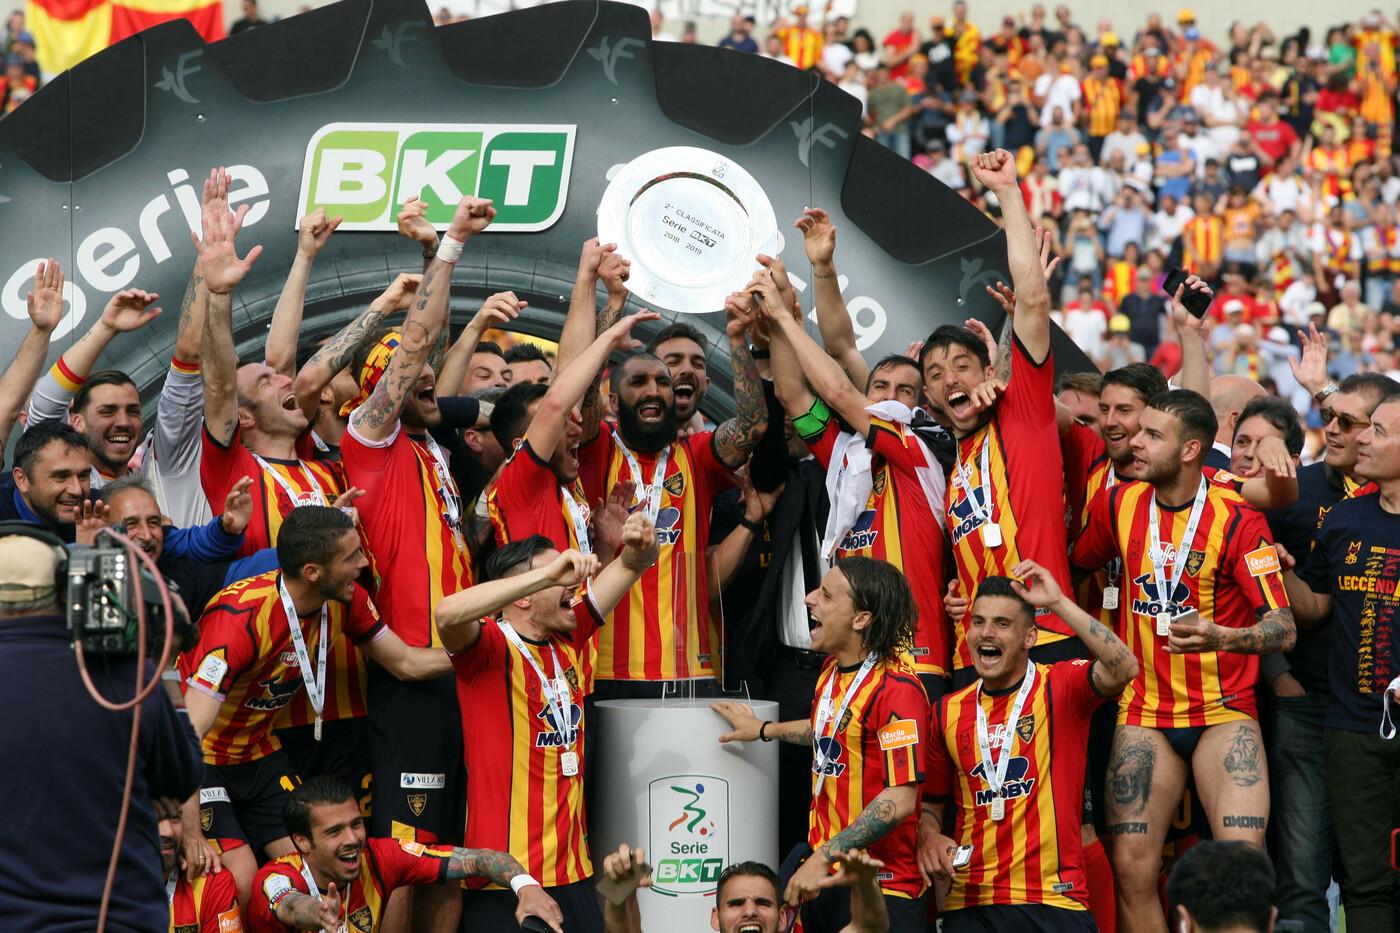 Serie B promosse Brescia e Lecce